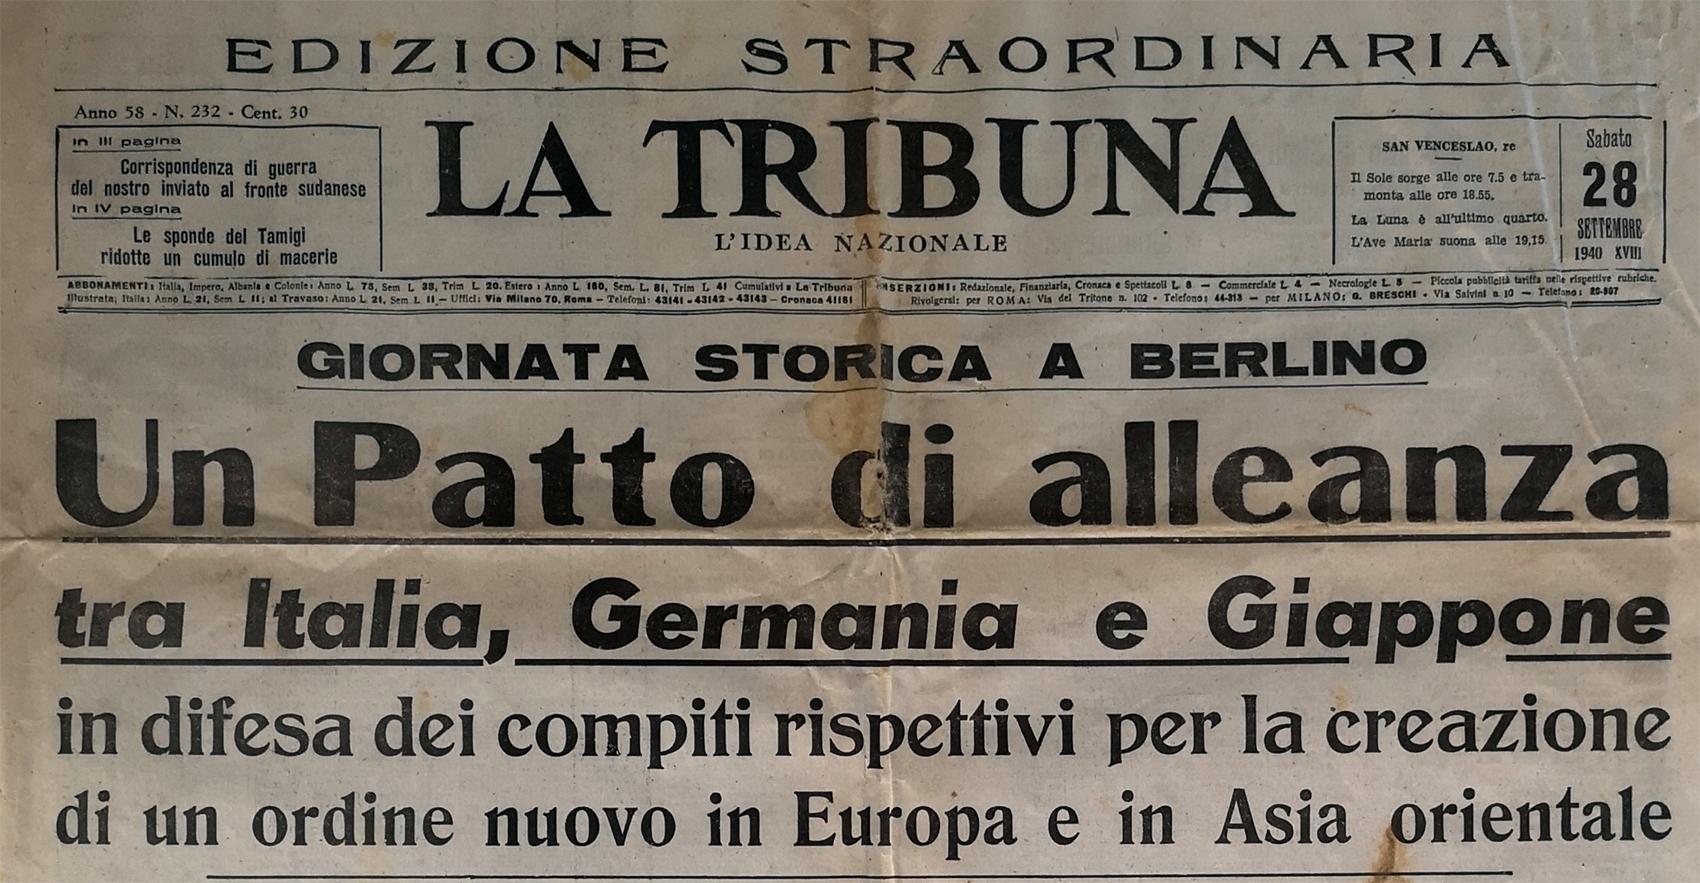 28 settembre 1940: la prima pagina del quotidiano La Tribuna sulla stipula del patto tripartito. Immagine di Gianluca T., CC-BY-SA 4.0